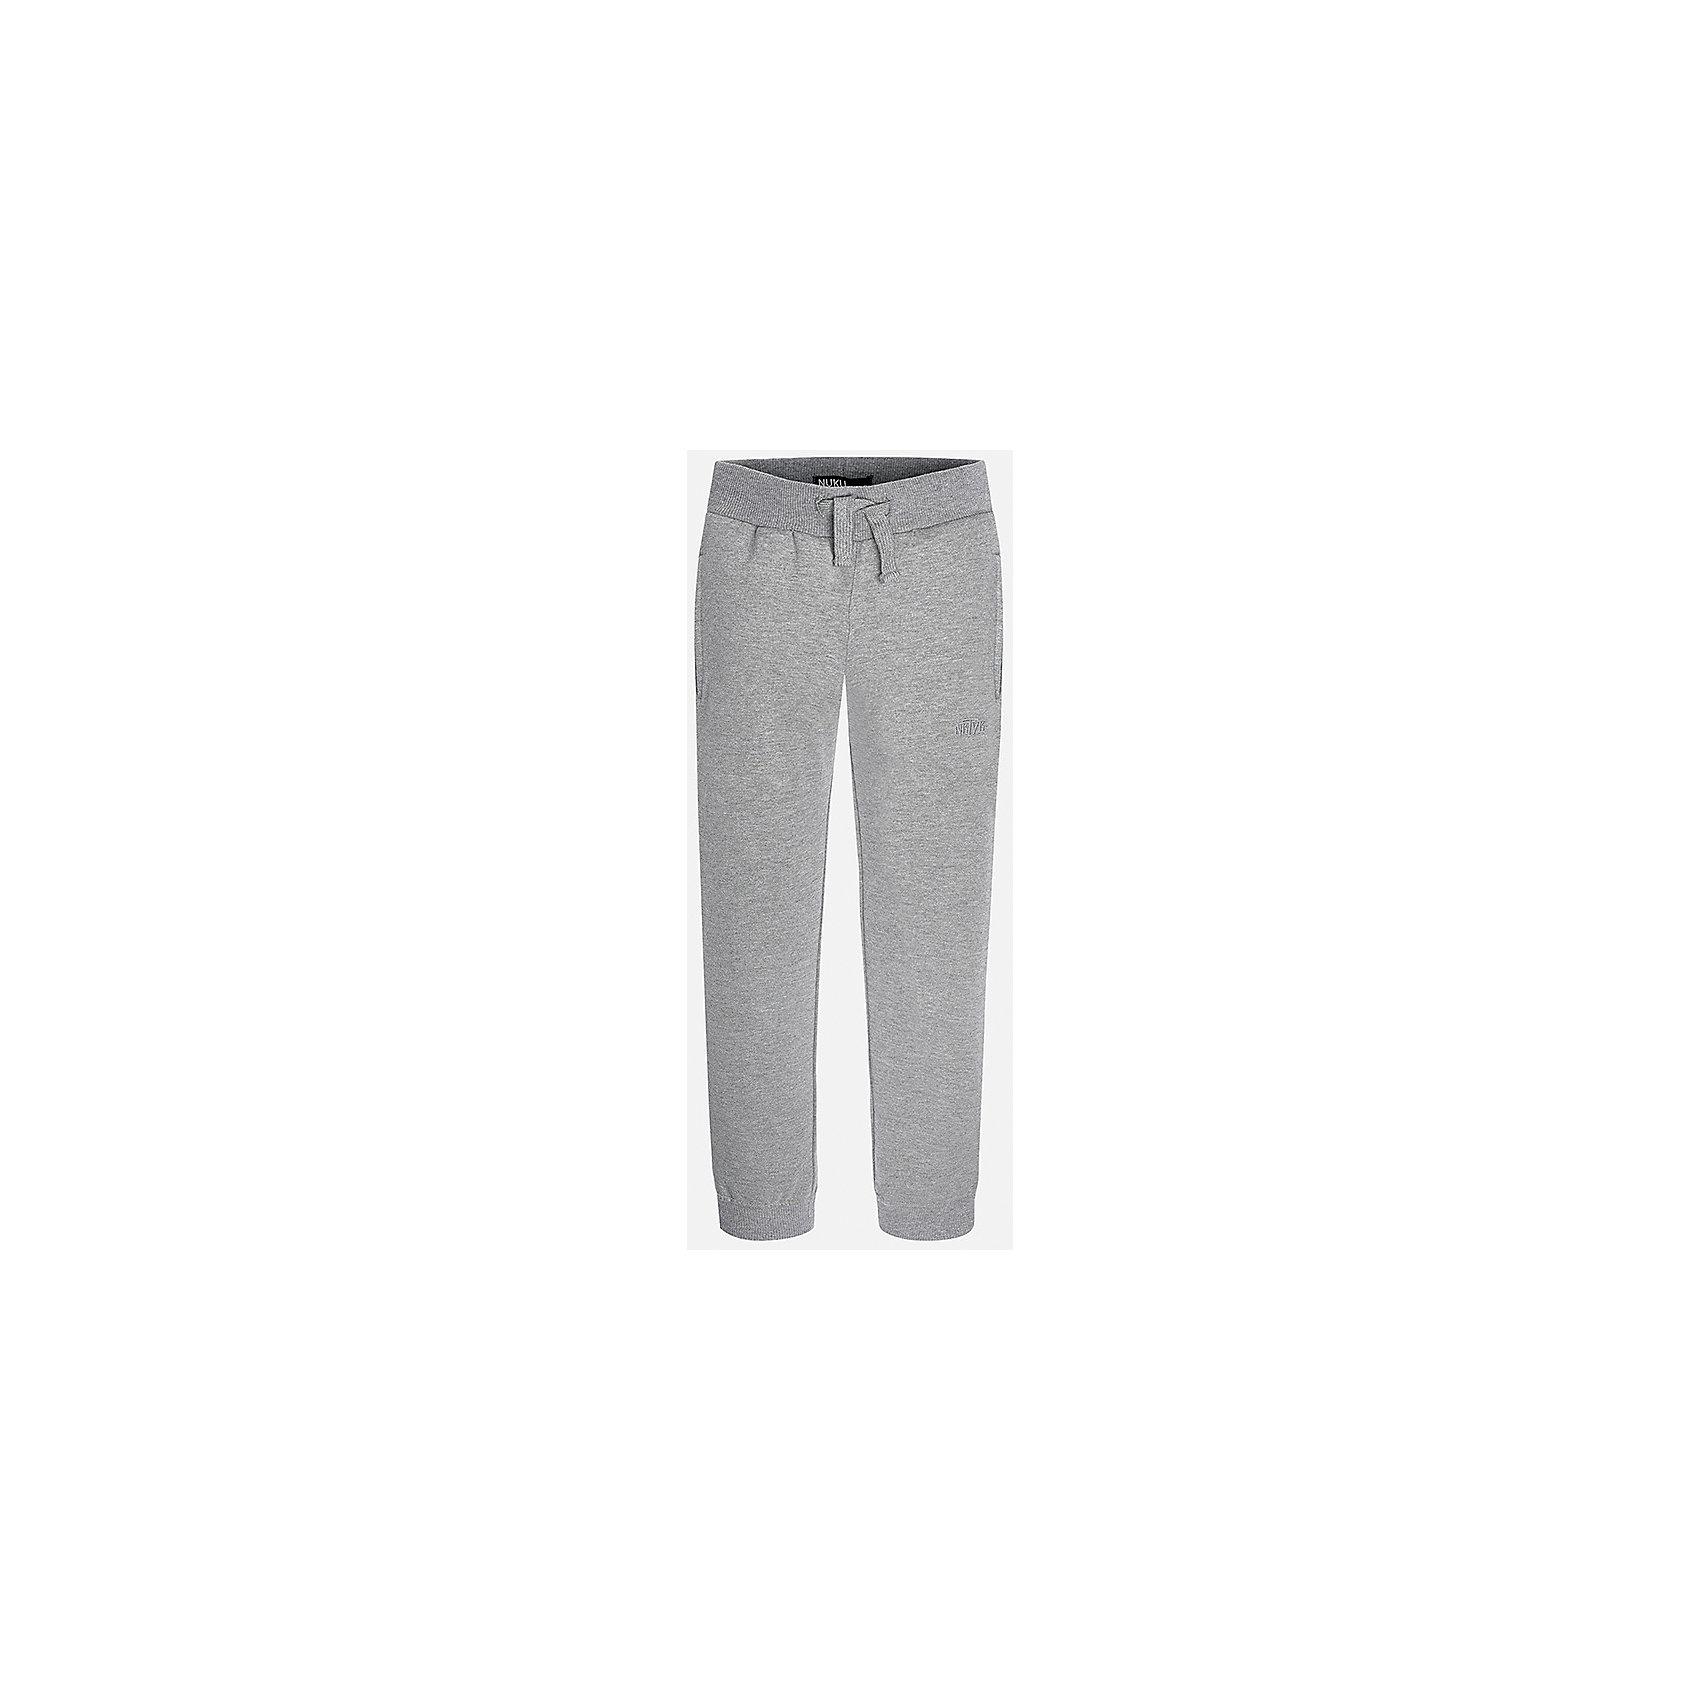 Брюки для мальчика MayoralОчень удобные спортивные брюки для мальчика! У брюк зауженный крой, хорошая посадка, на талии регулируются специальной резинкой.<br><br>Дополнительная информация:<br><br>- Крой: зауженный крой.<br>- Страна бренда: Испания.<br>- Состав: хлопок 35%, полиэстер 65%.<br>- Цвет: серые.<br>- Уход: бережная стирка при 30 градусах.<br><br>Купить брюки для мальчика Mayoral можно в нашем магазине.<br><br>Ширина мм: 215<br>Глубина мм: 88<br>Высота мм: 191<br>Вес г: 336<br>Цвет: серый<br>Возраст от месяцев: 156<br>Возраст до месяцев: 168<br>Пол: Мужской<br>Возраст: Детский<br>Размер: 158/164,128/134,140/146,146/152,164/170,152/158<br>SKU: 4826793